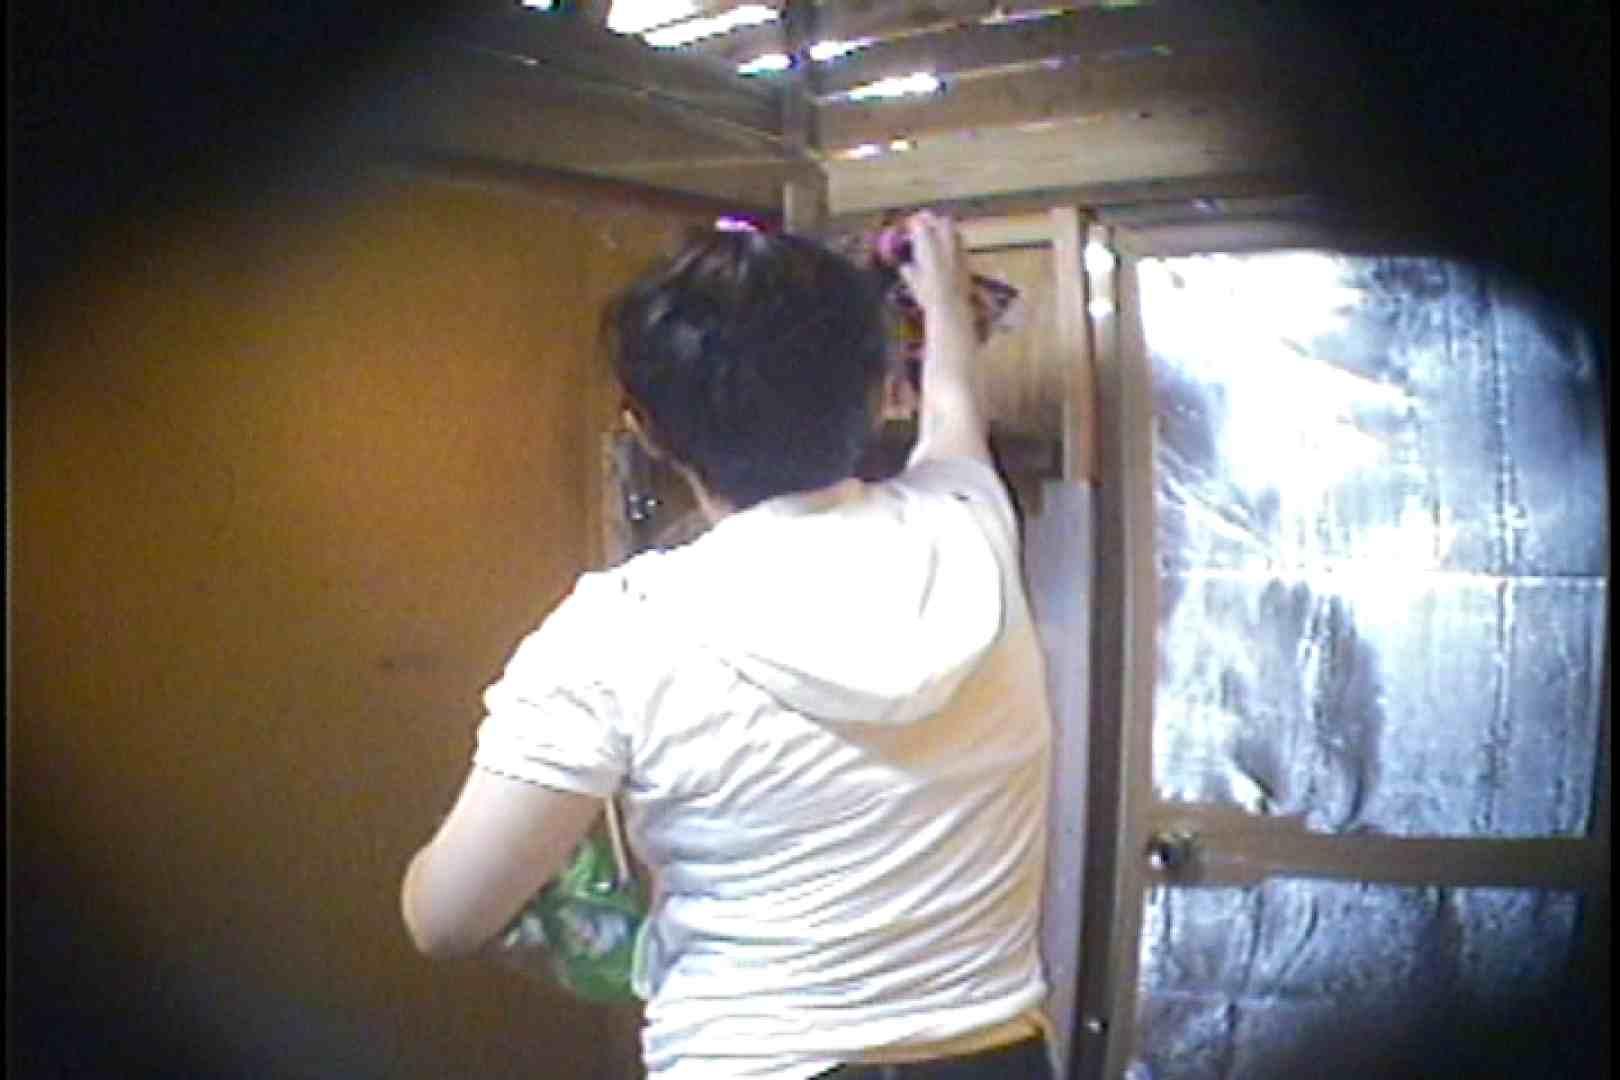 海の家の更衣室 Vol.37 OLの実態   美女  43pic 7